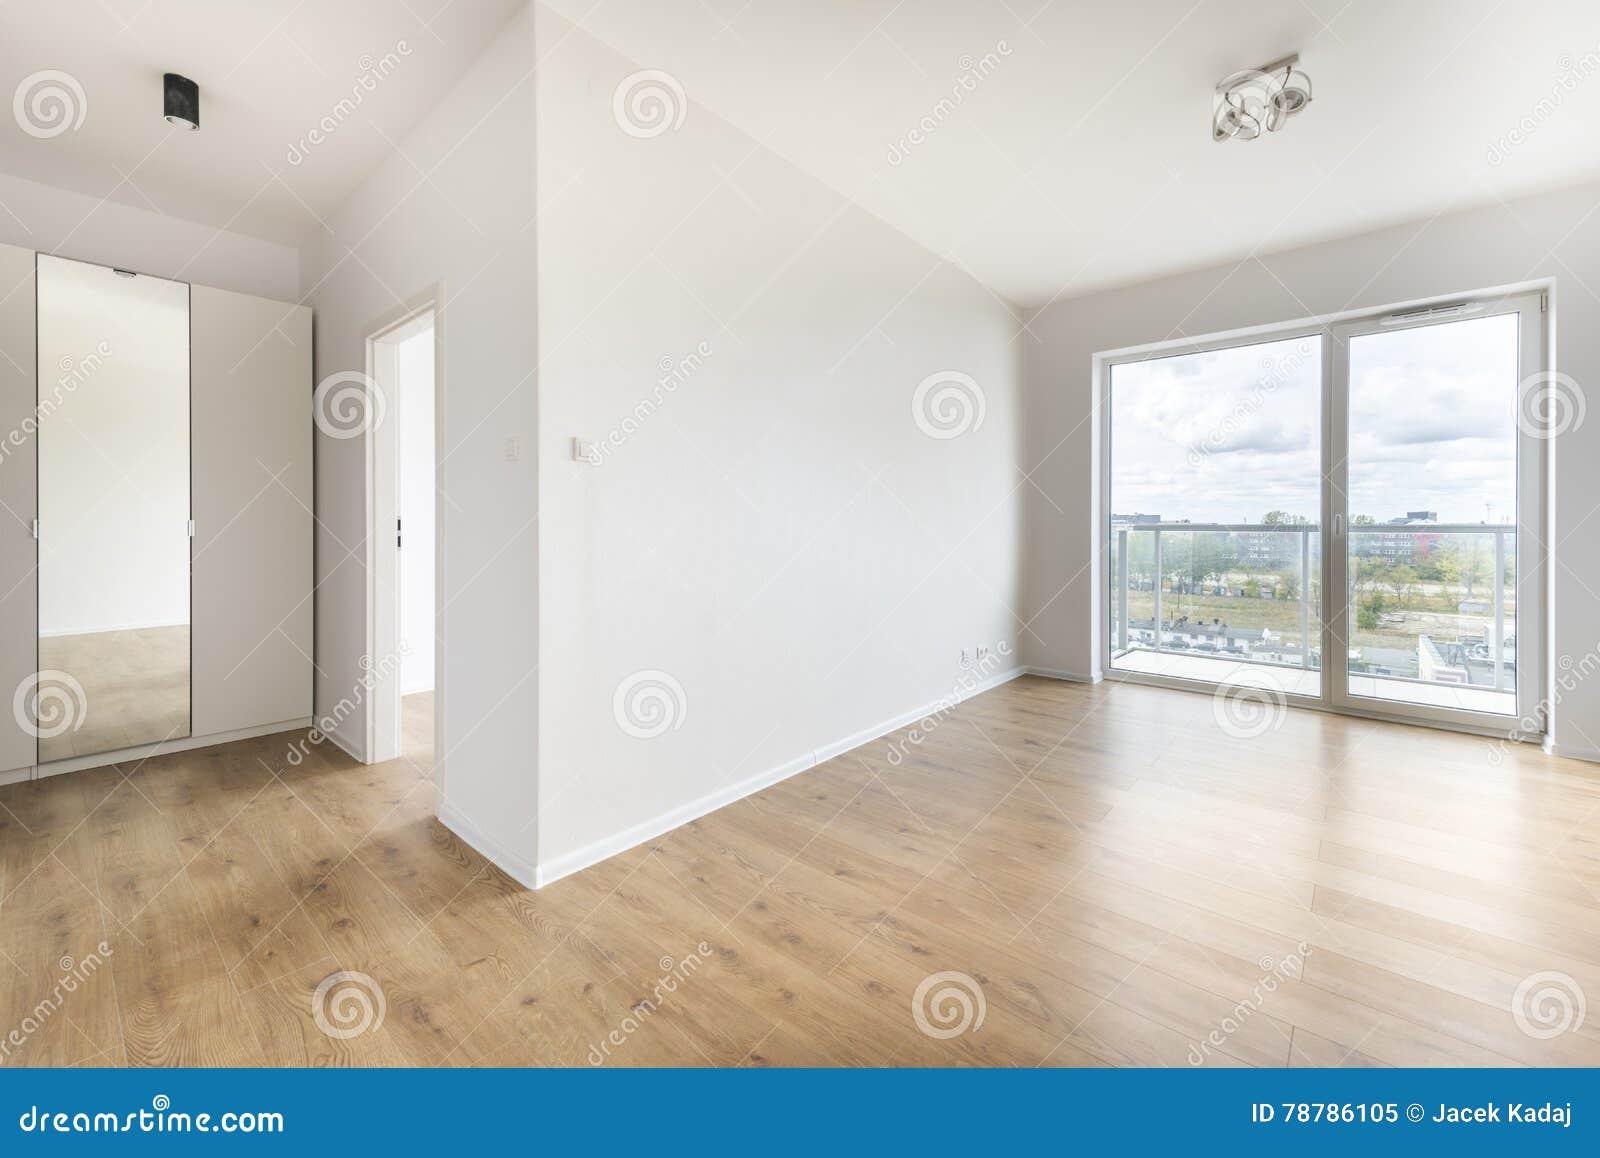 Leerer Raum-Innenarchitektur Stockbild - Bild von schrank, gebäude ...